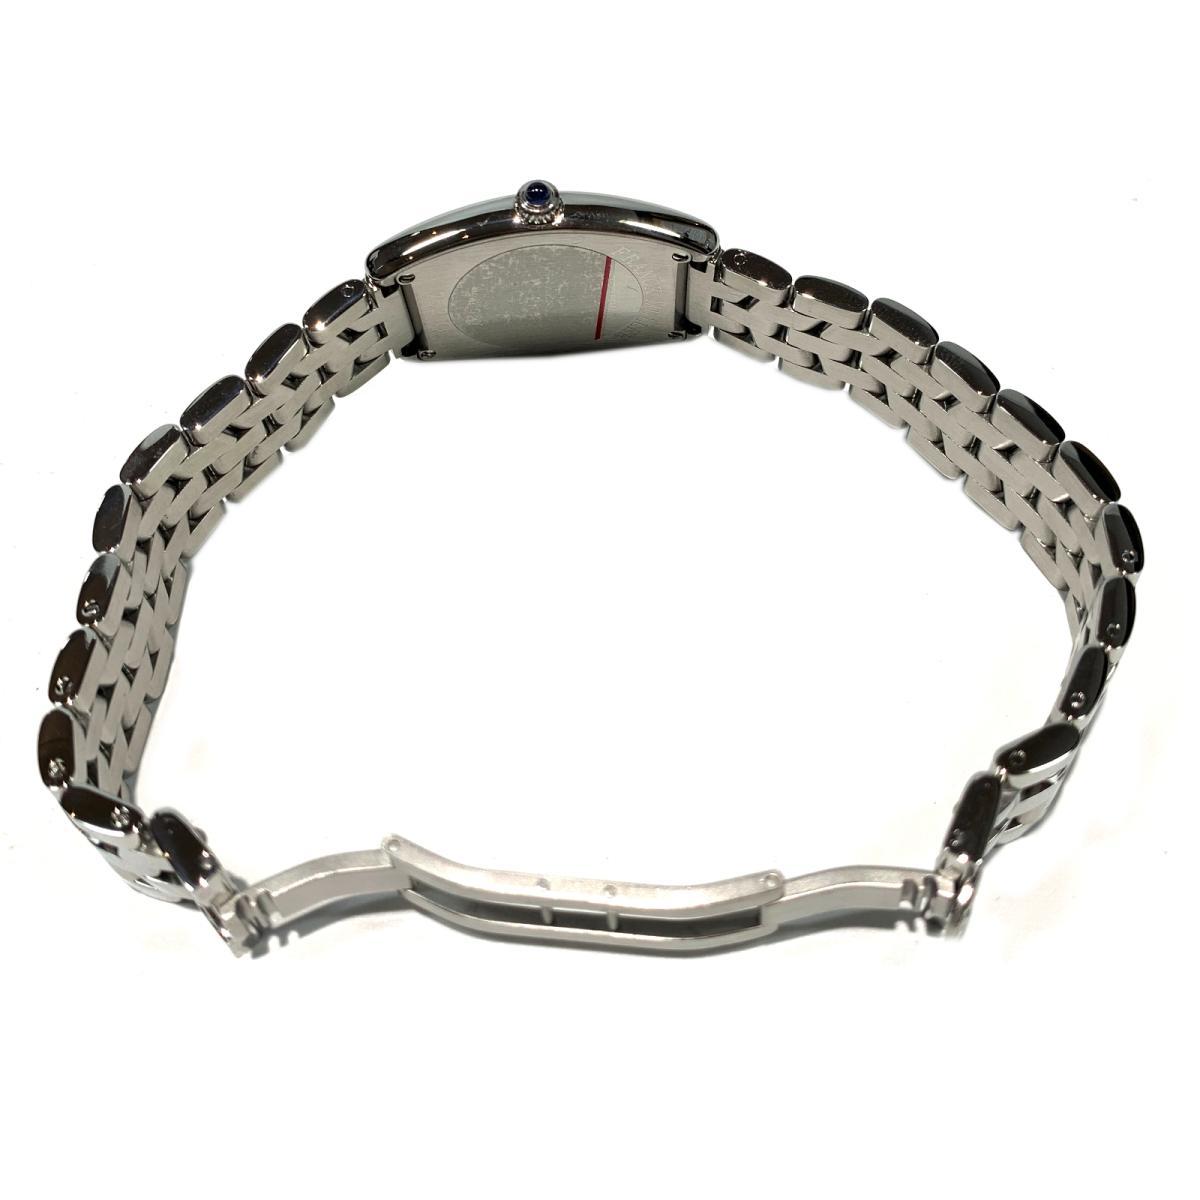 フランク・ミュラー トノーカーベックス 腕時計 ウォッチ 時計 レディース ステンレススチール SSシルバー1752QZrCWQedBox